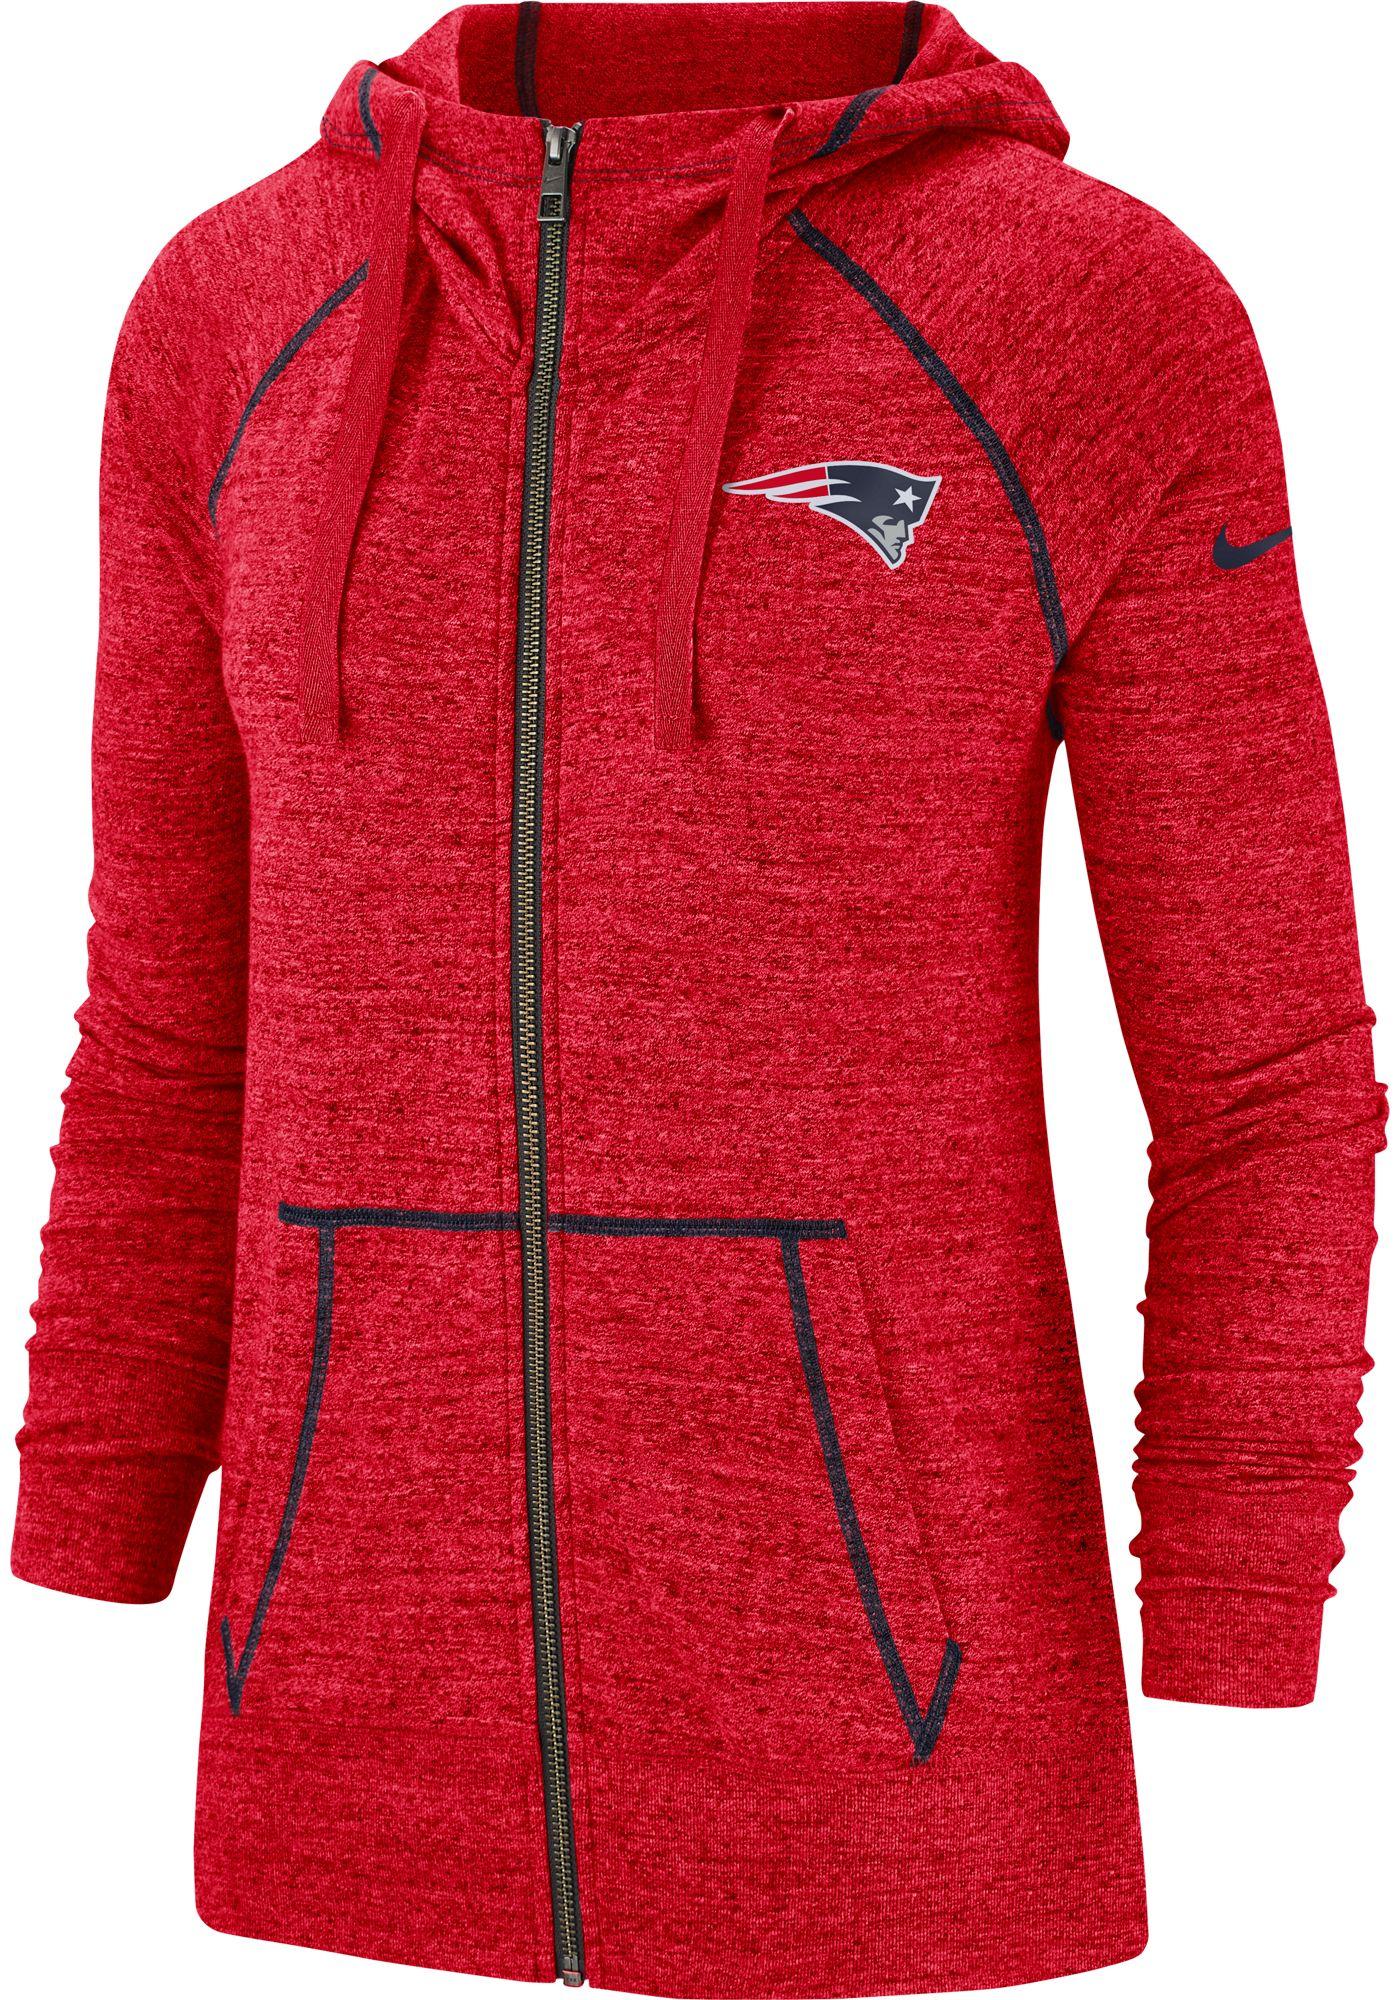 Nike Women's New England Patriots Vintage Red Full-Zip Hoodie